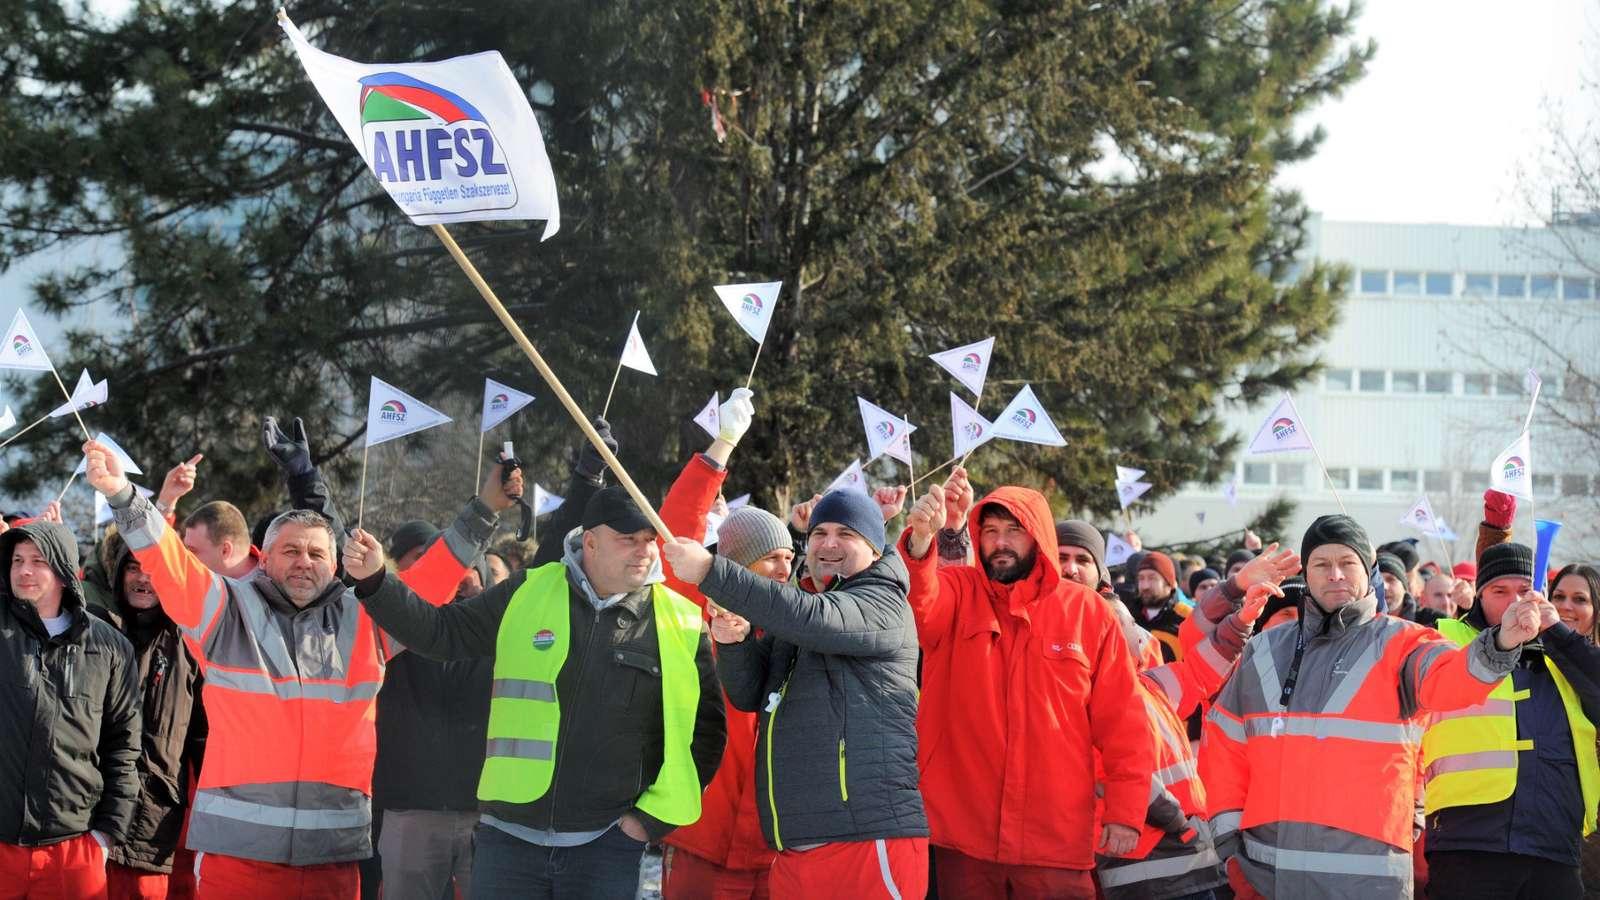 bator_emberek_gyorben_az_audinal_sztrajkolnak_2019-01-24_1.jpg